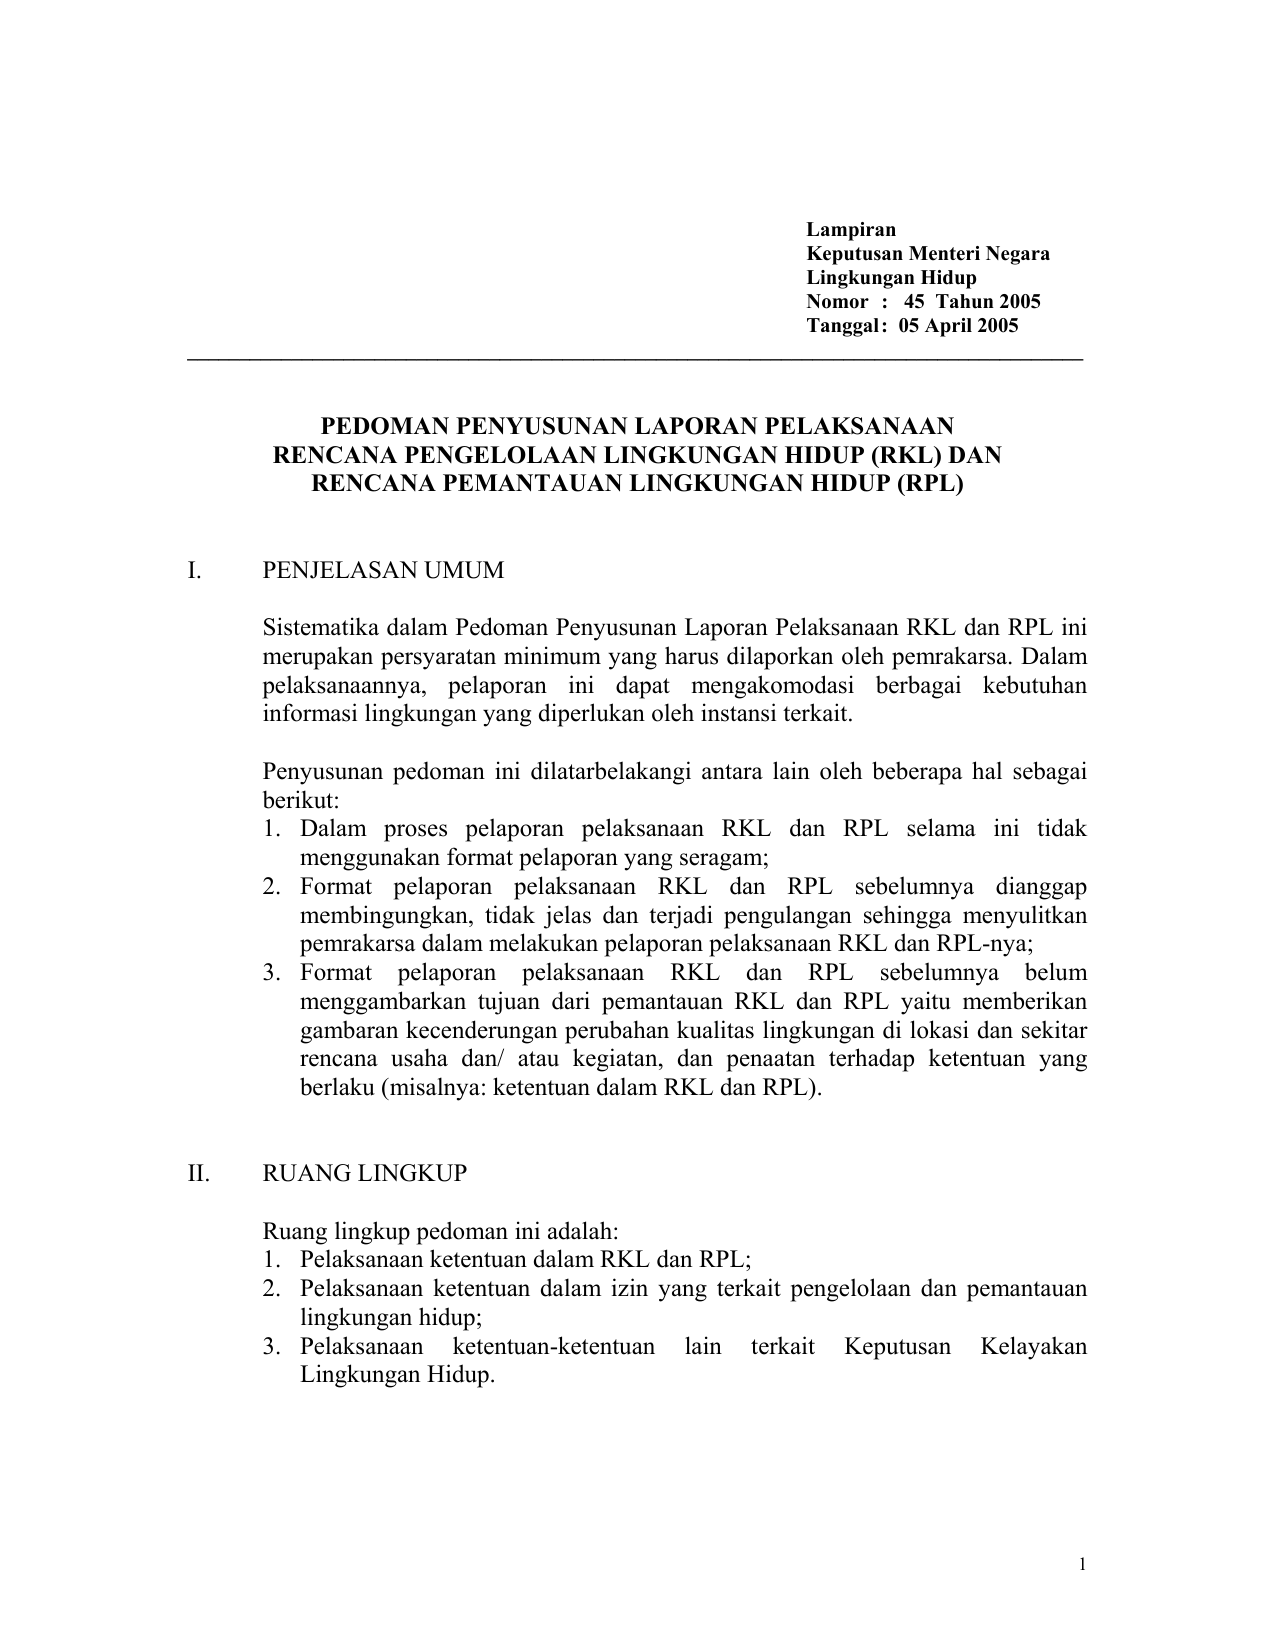 Rkl Dan Rencana Pemantauan Lingkungan Hidup Rpl